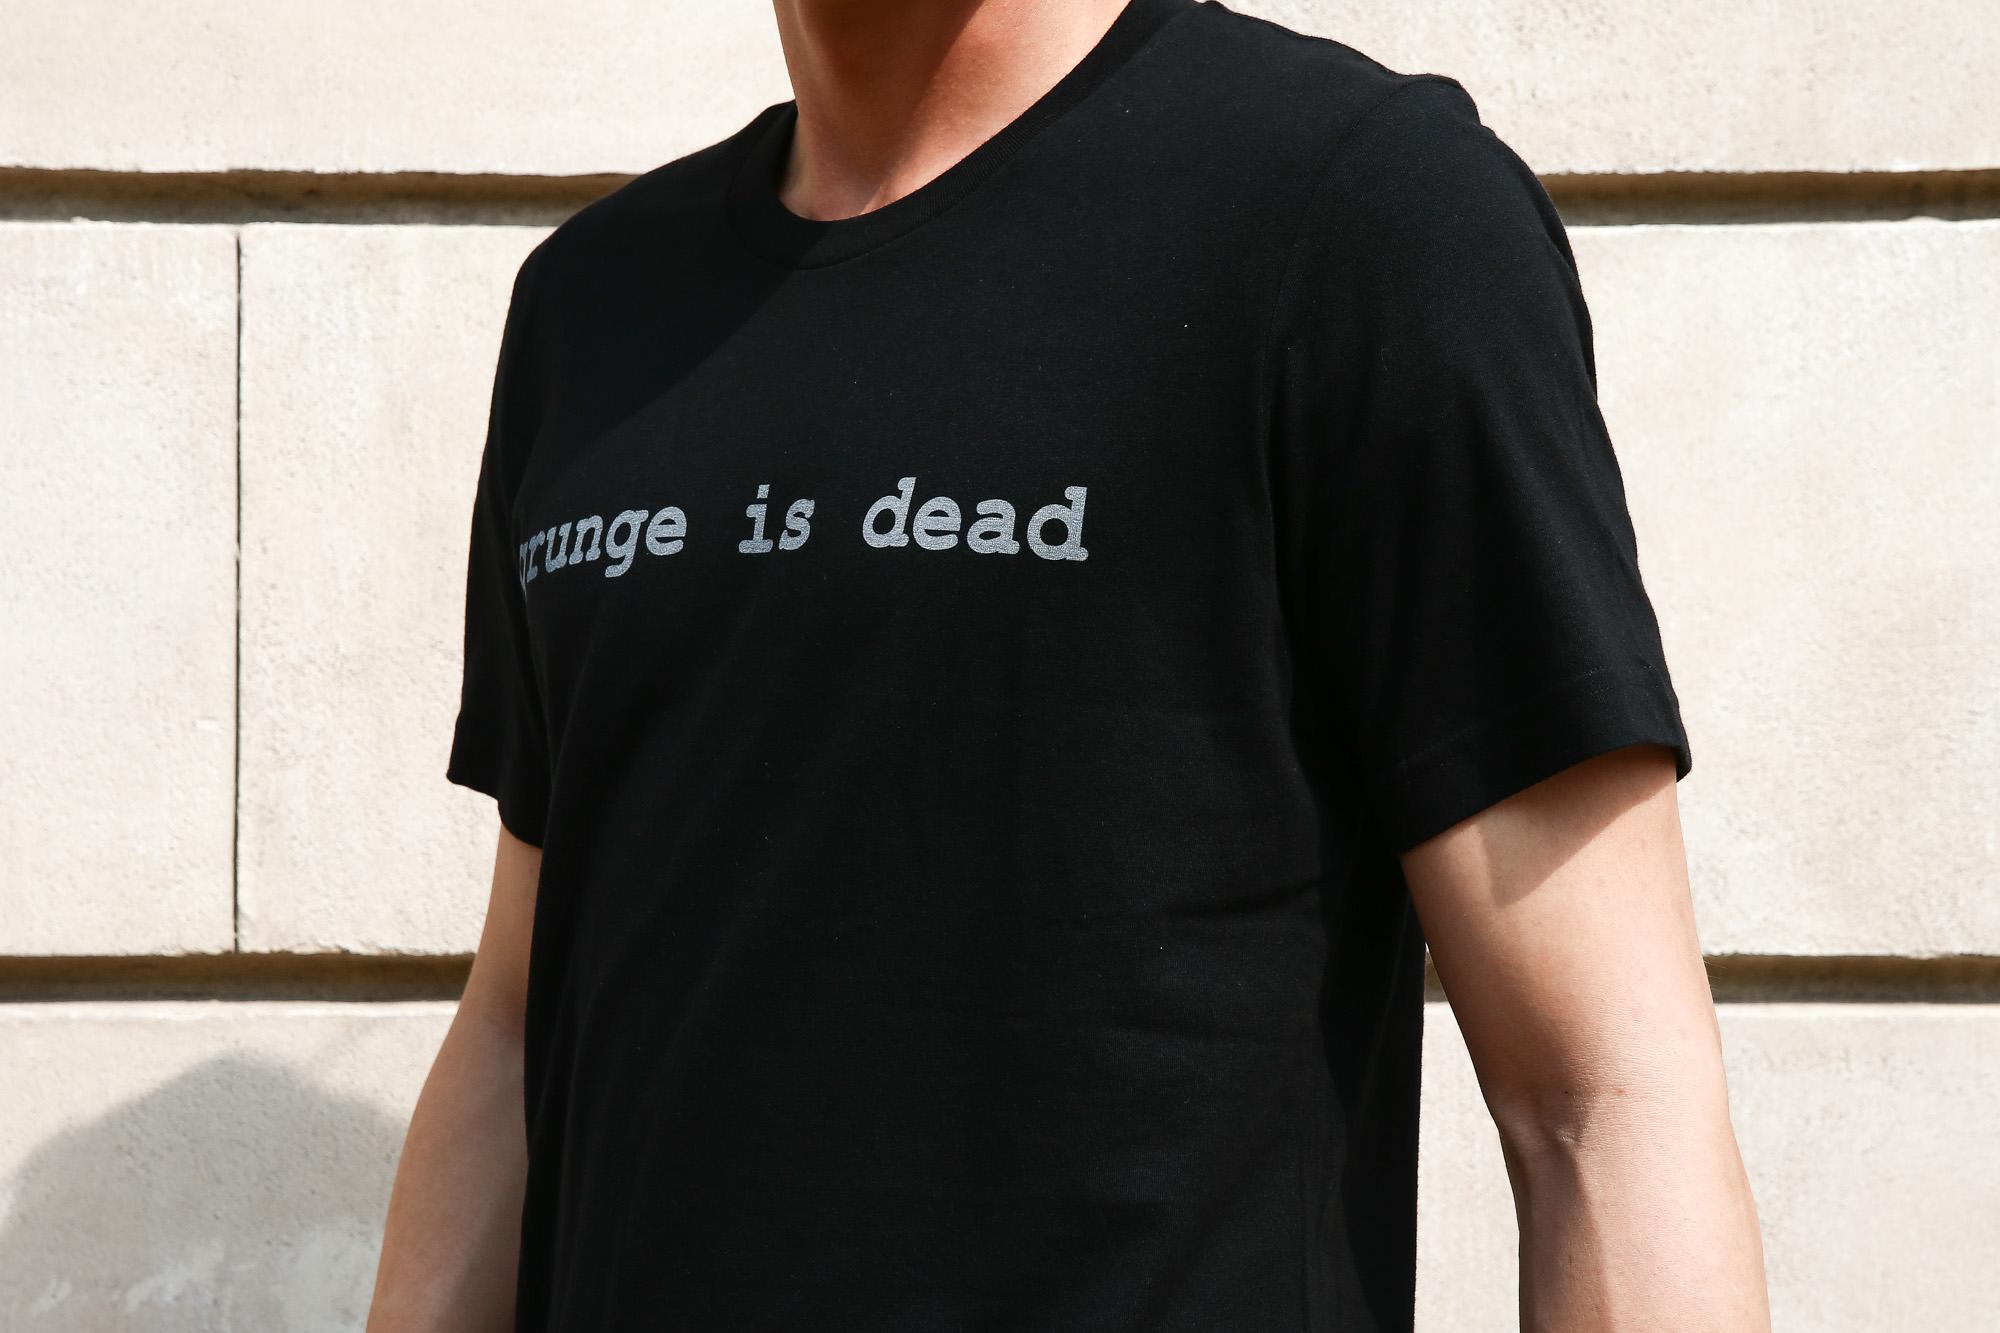 WORN FREE (ウォーンフリー) grunge is dead. Nirvana(ニルヴァーナ) Kurt Cobain(カート・コバーン) 1992 NEW YORK プリントTシャツ バンドTシャツ  ロックTシャツ BLACK(ブラック) MADE IN USA (アメリカ製) 2018春夏新作 wornfree ウォーンフリー 愛知 名古屋 Alto e Diritto アルト エ デリット